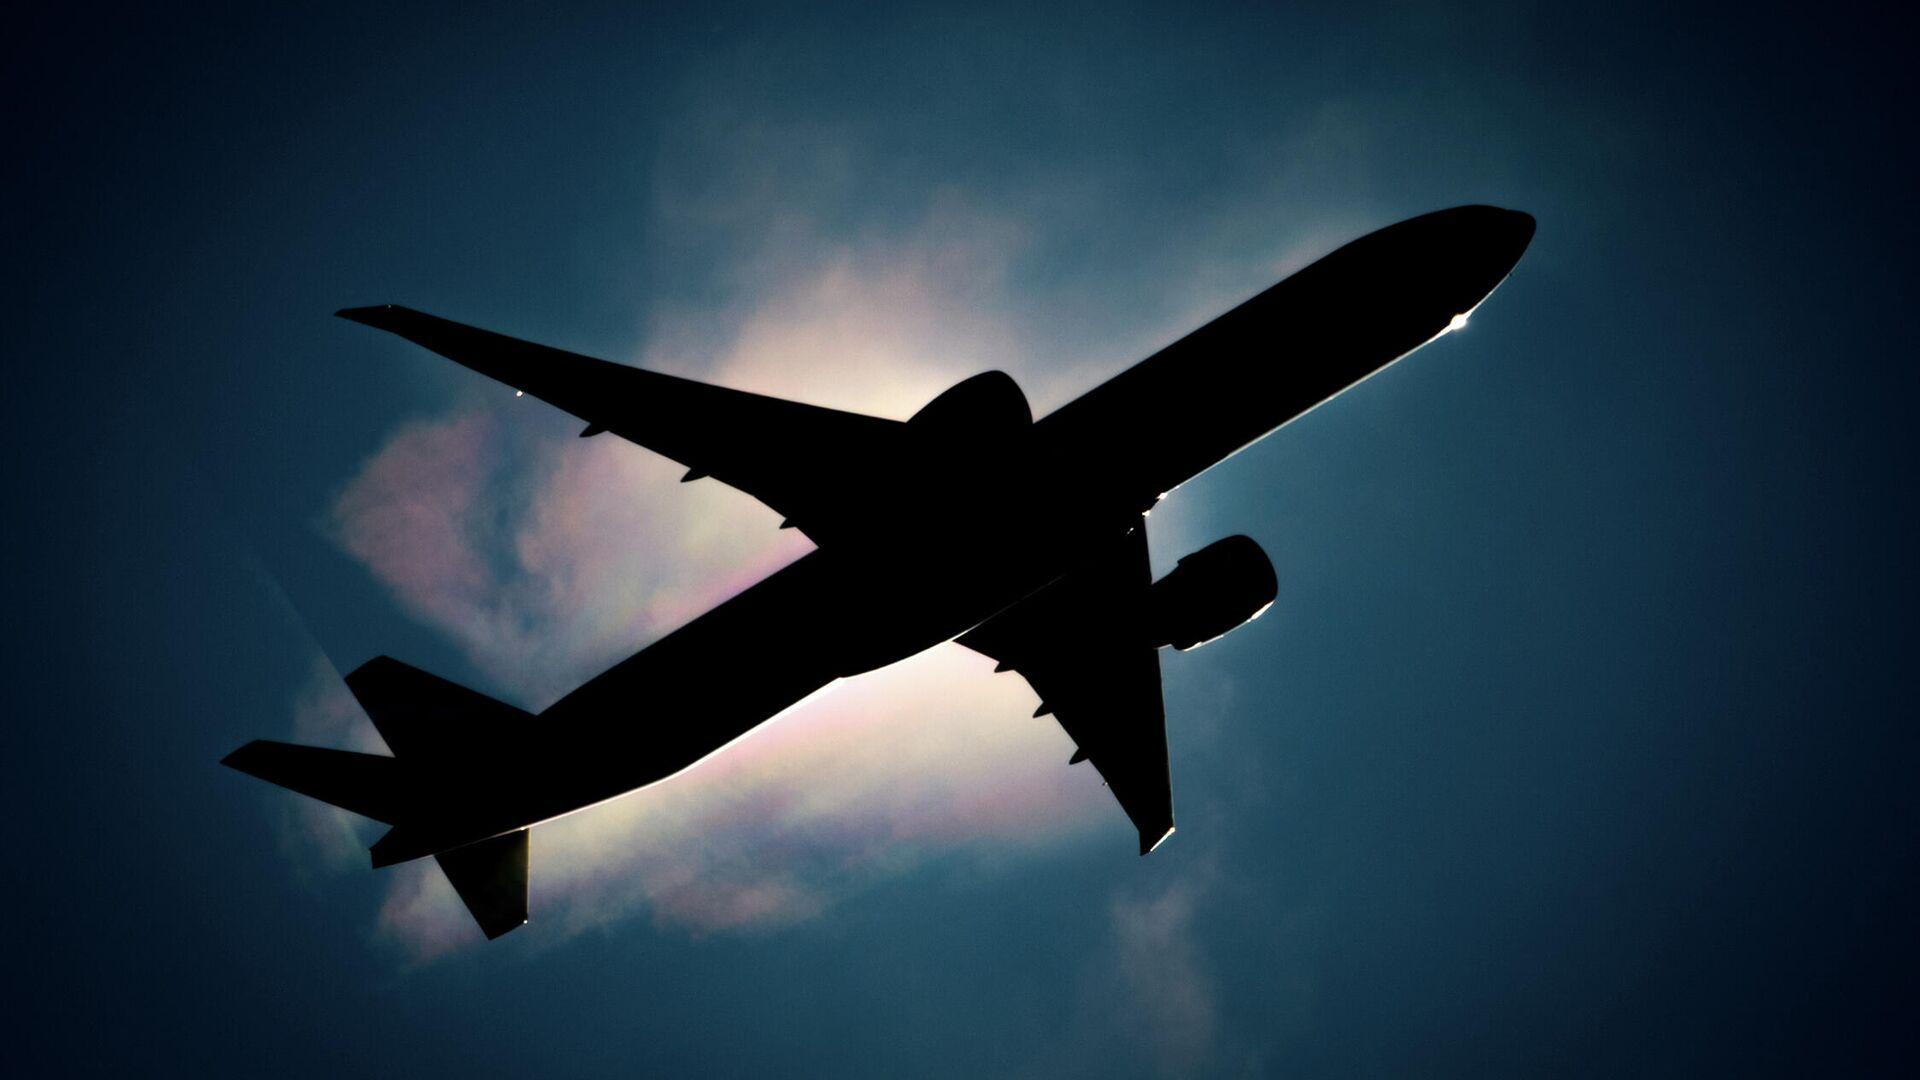 В Нидерландах на женщину упала деталь грузового Boeing, сообщили СМИ - РИА  Новости, 21.02.2021